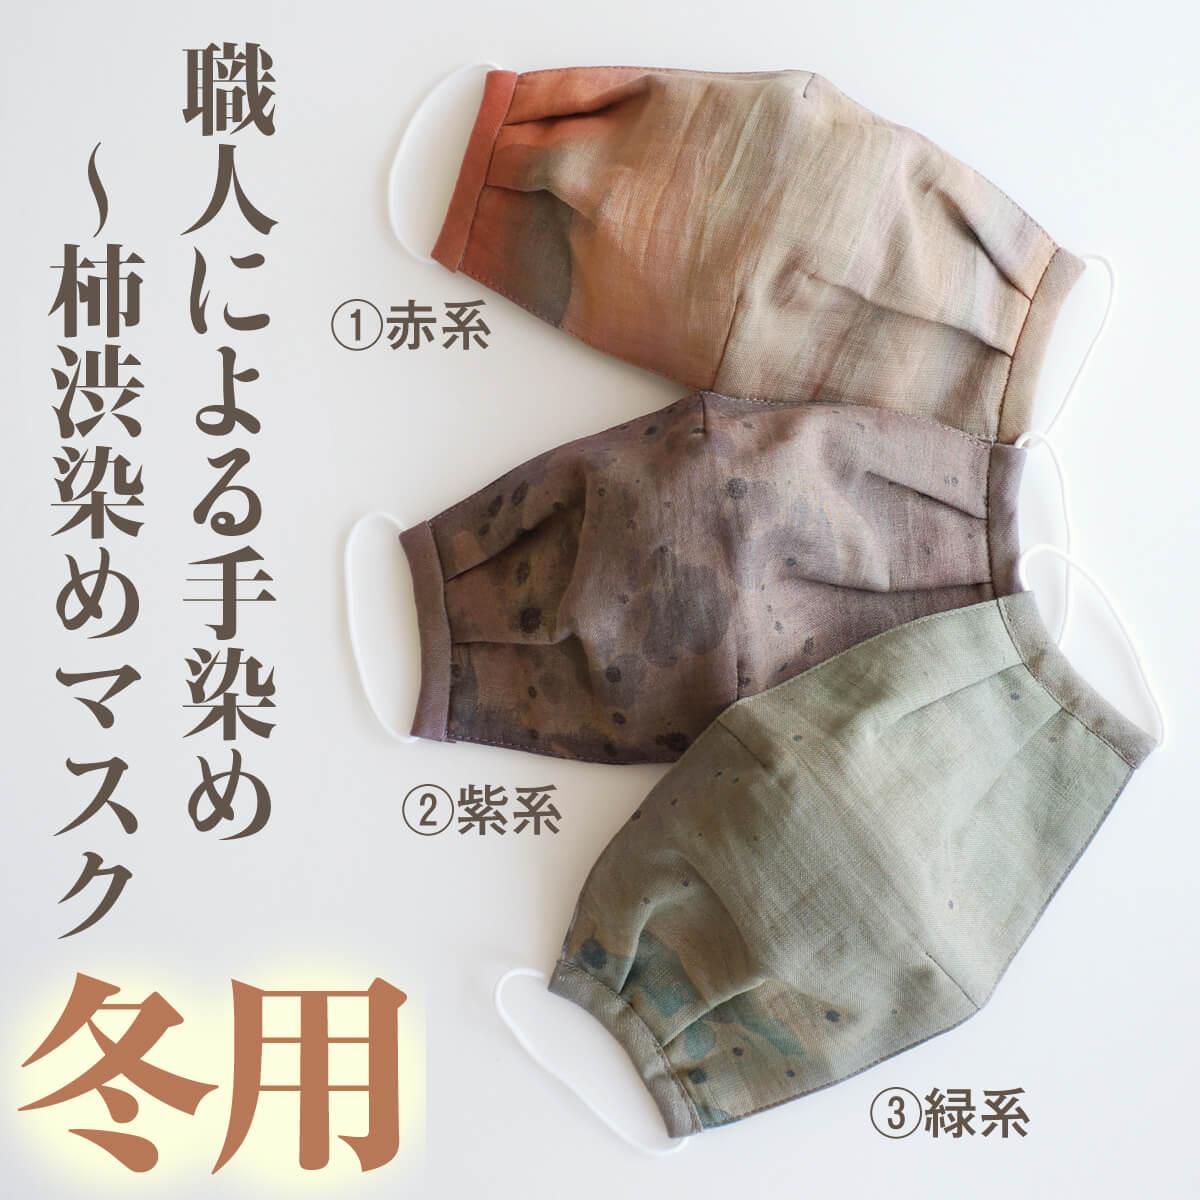 【冬用】職人による竹繊維柿渋手染めプリーツマスクLサイズ